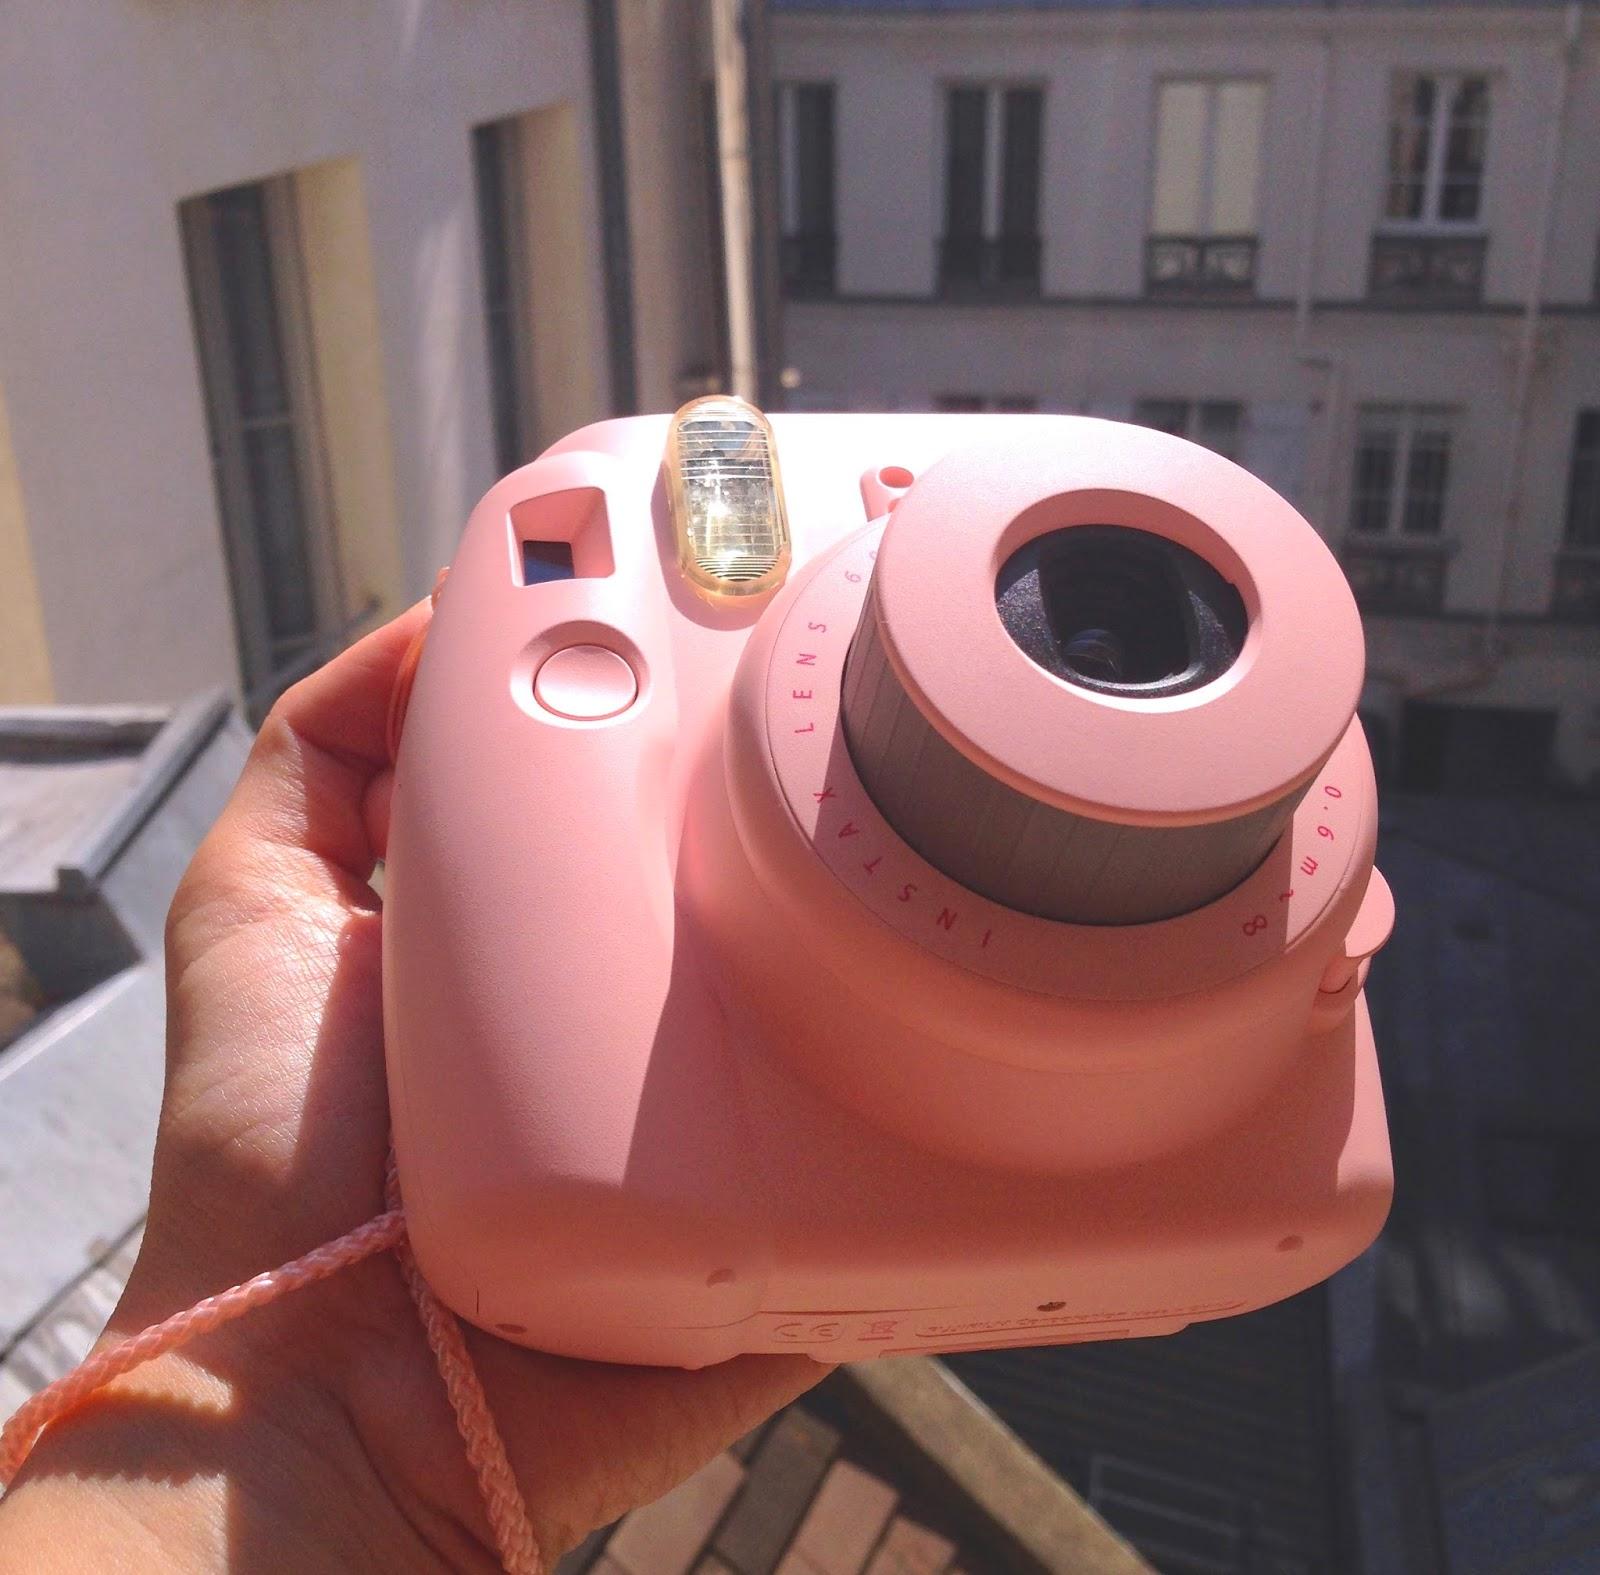 L'obiettivo della Instax Mini 8 rosa - foto di Elisa Chisana Hoshi